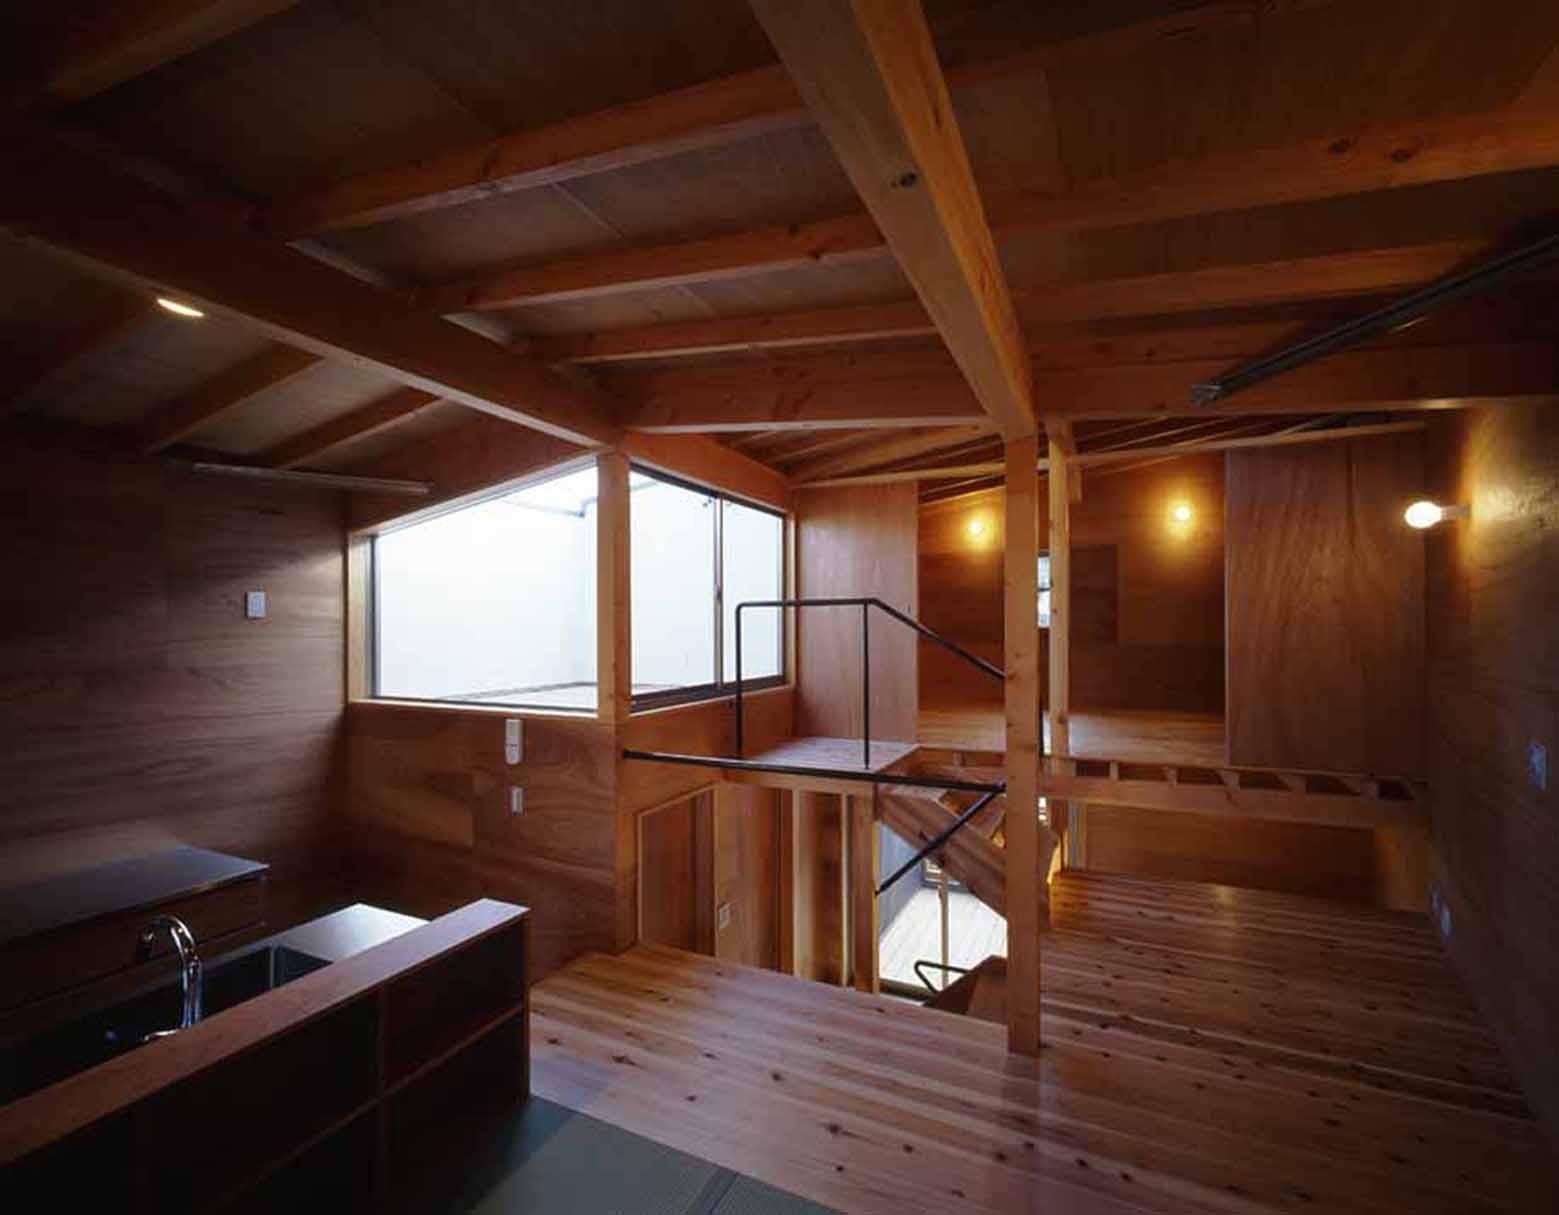 KJ House  / Nakahira Architects, © Kei Sugino